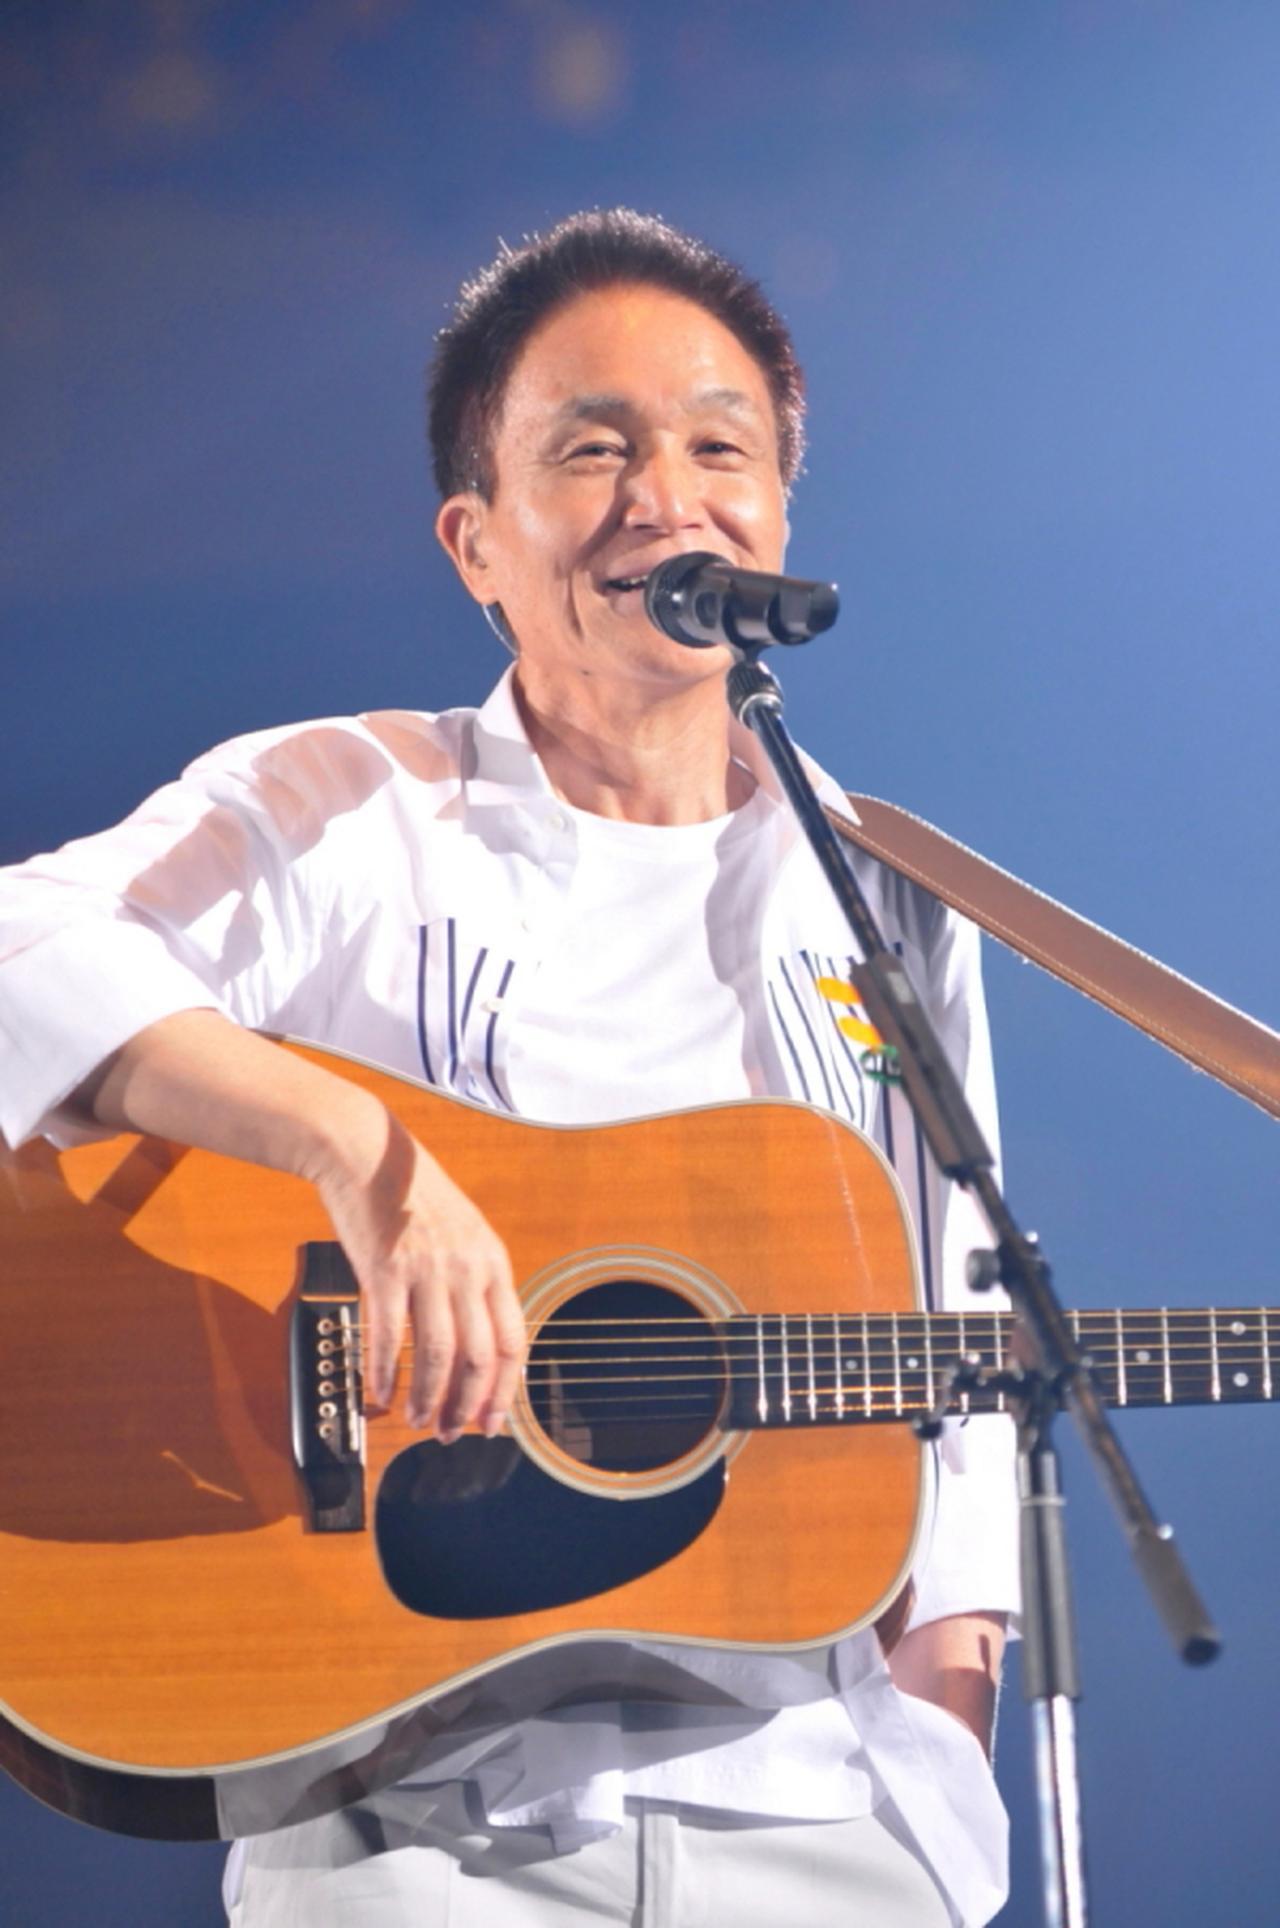 画像: 小田和正(おだ かずまさ)さん 楽曲詳細:「こころ」2007 年に発売された通算 25 作目のシングル。オリコン初登場第 1 位を記録。